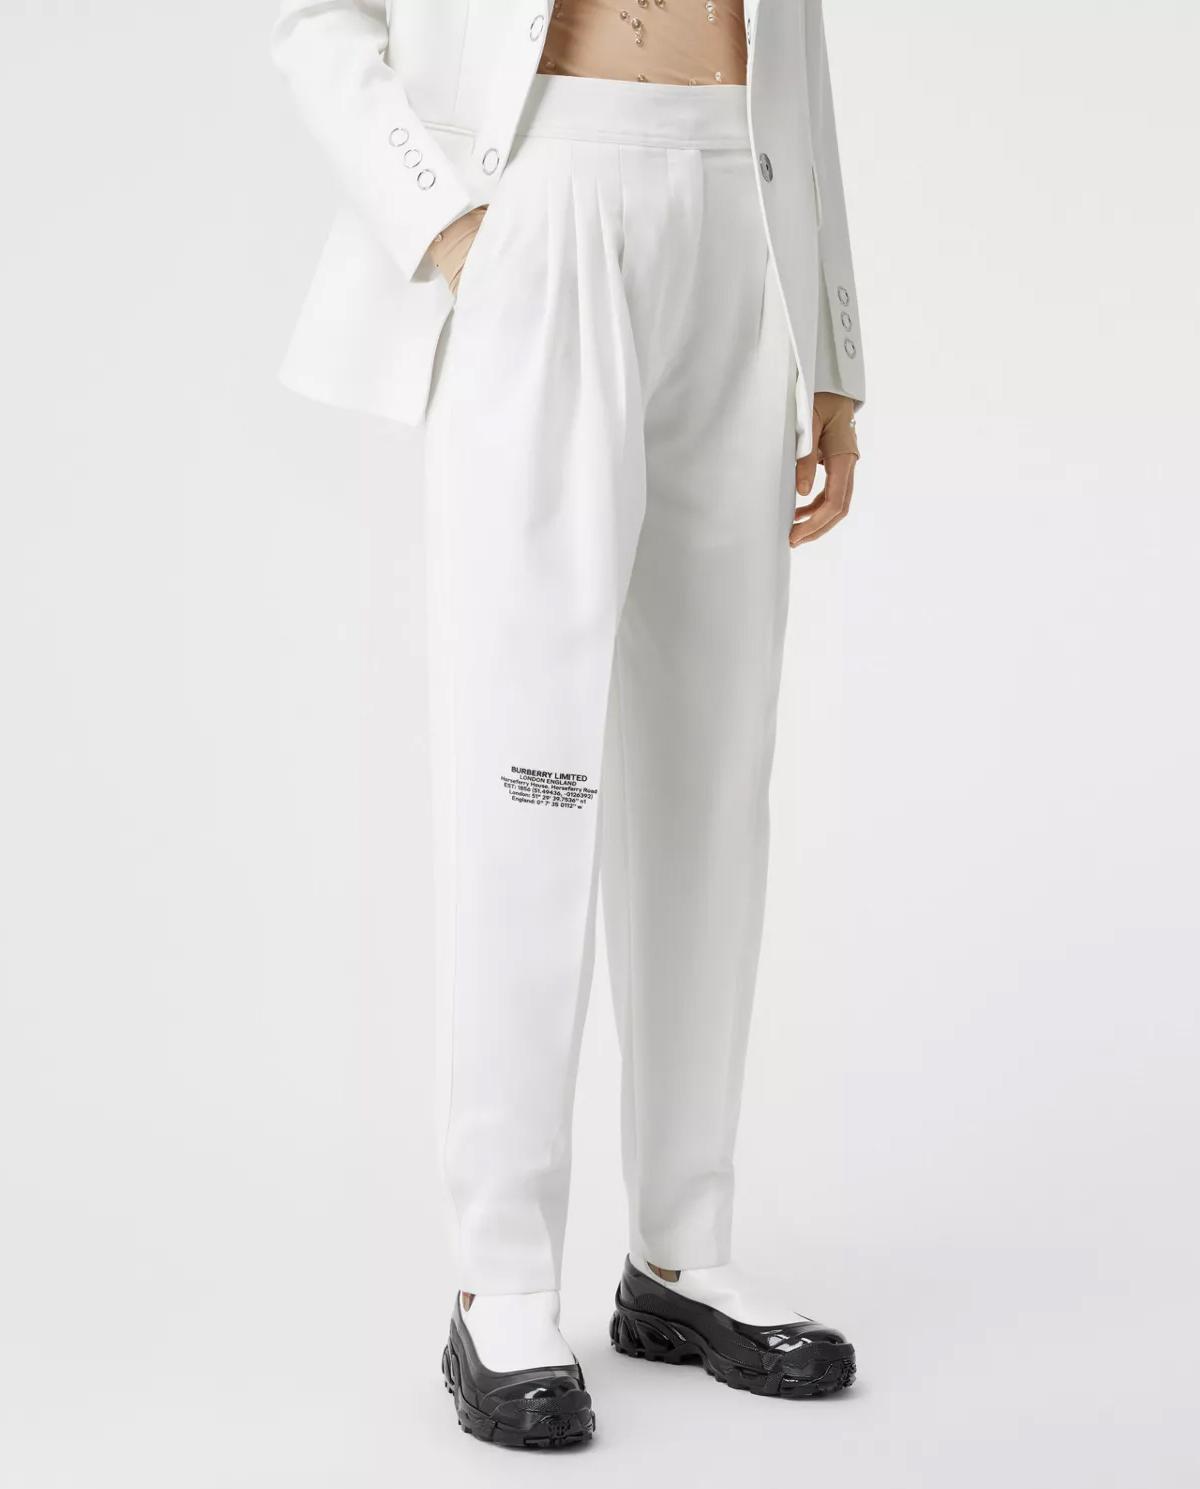 Białe spodnie z nadrukiem Burberry W8024476 A1462